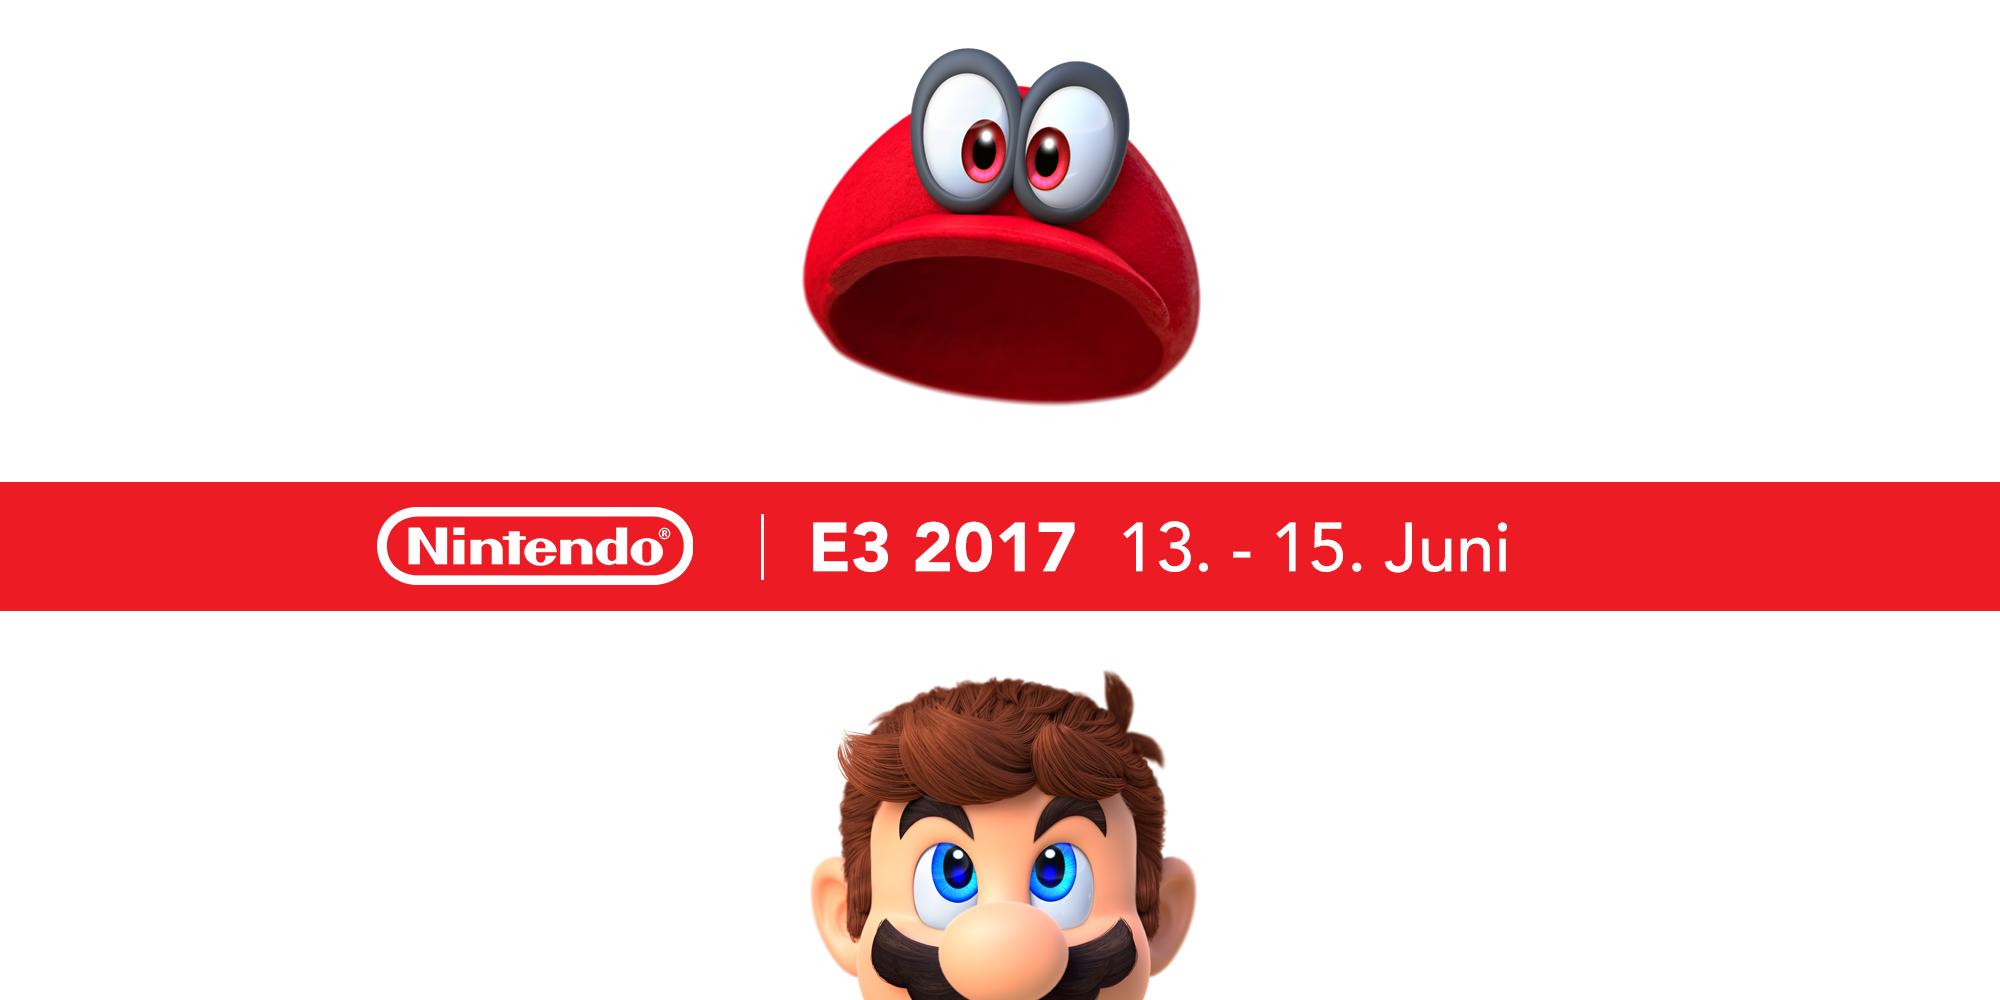 Pressemeldung: Let's-a go! – Auf der E3 warten Mario, heiße Turniere und Nintendo Switch